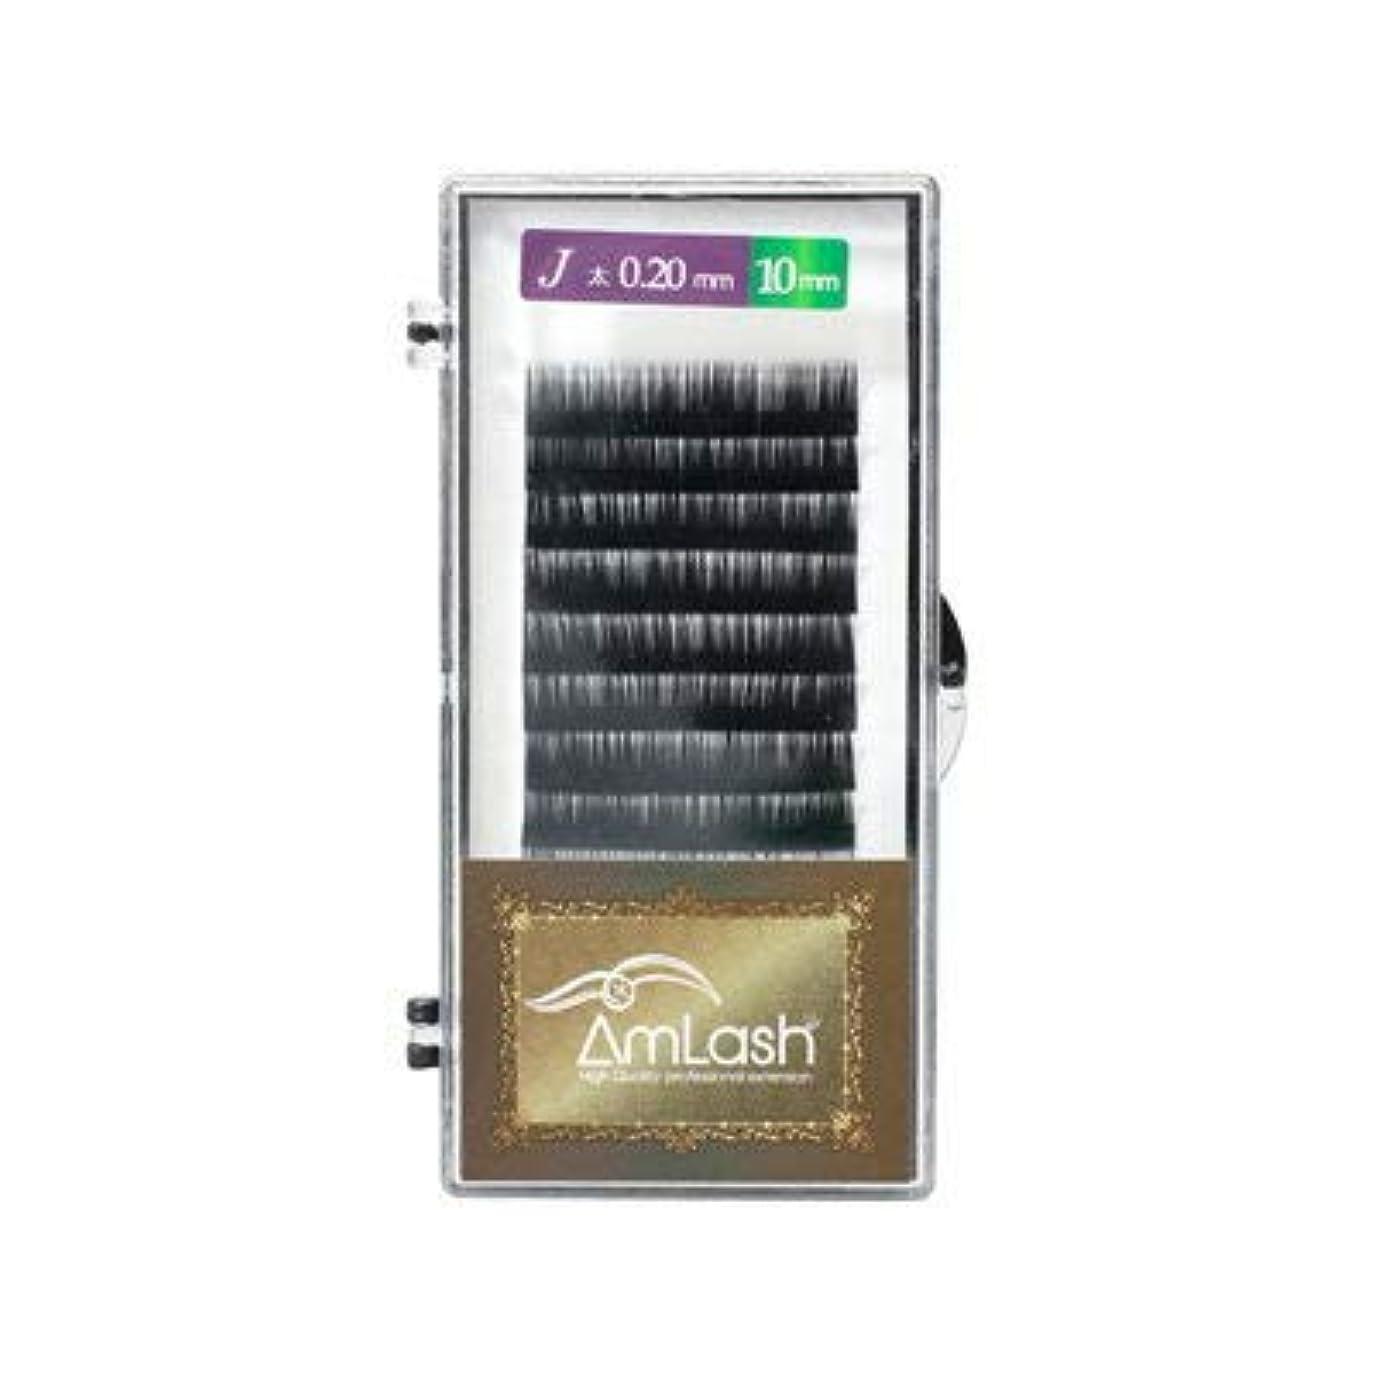 食用医療の革命Amlash(アムラッシュ)ハイクオリティエクステ Jカール 0.20mm×10mm